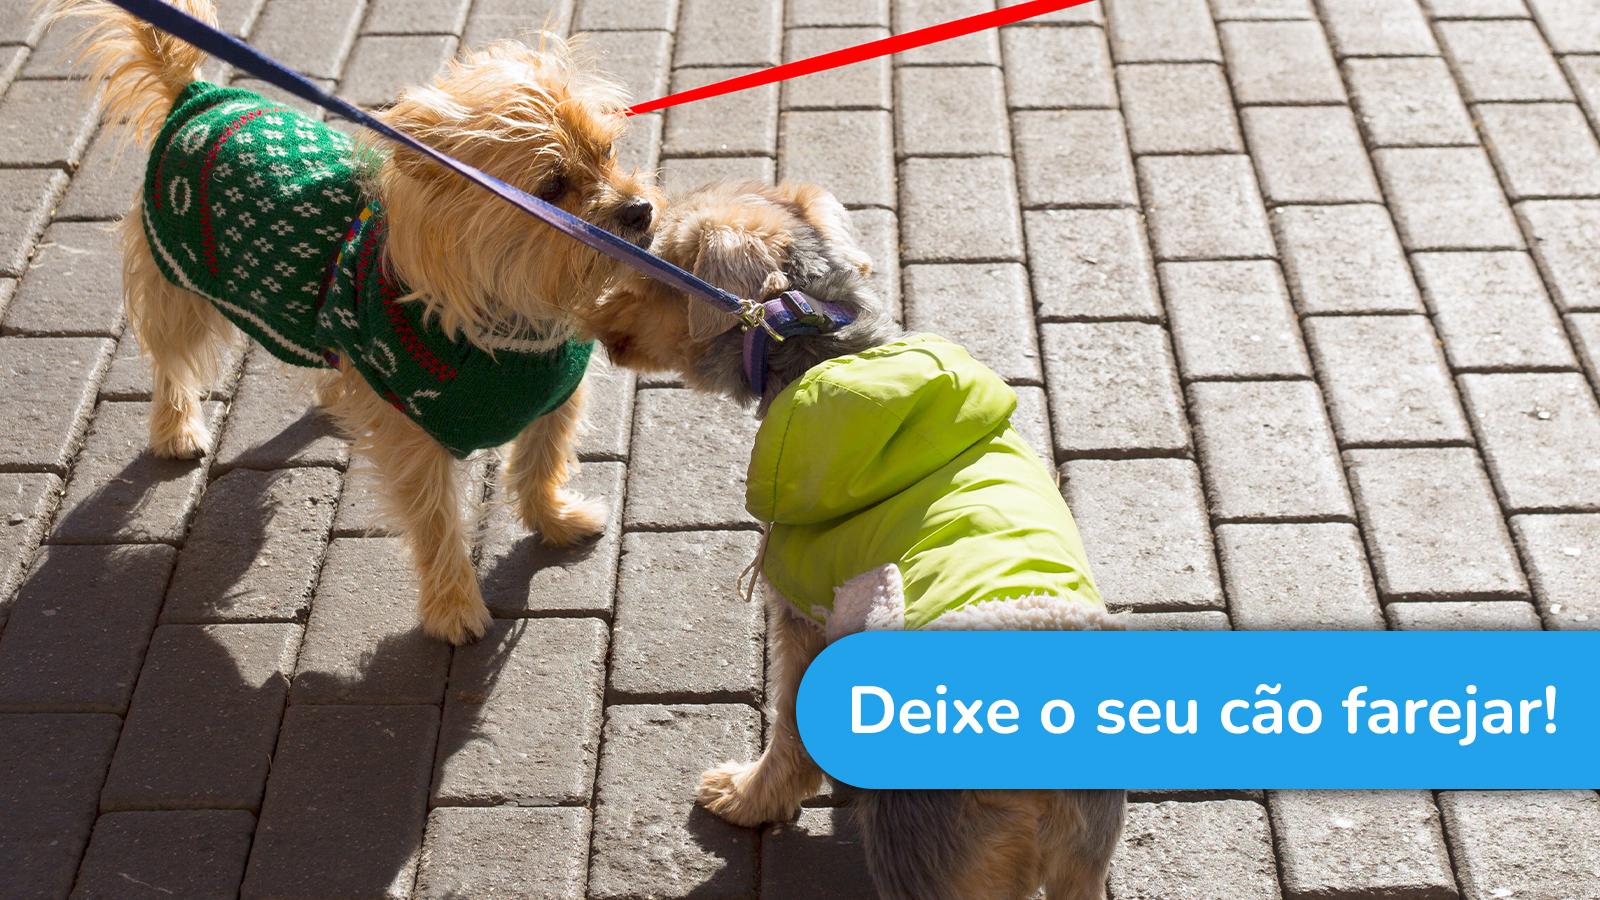 Deixe o seu cão farejar